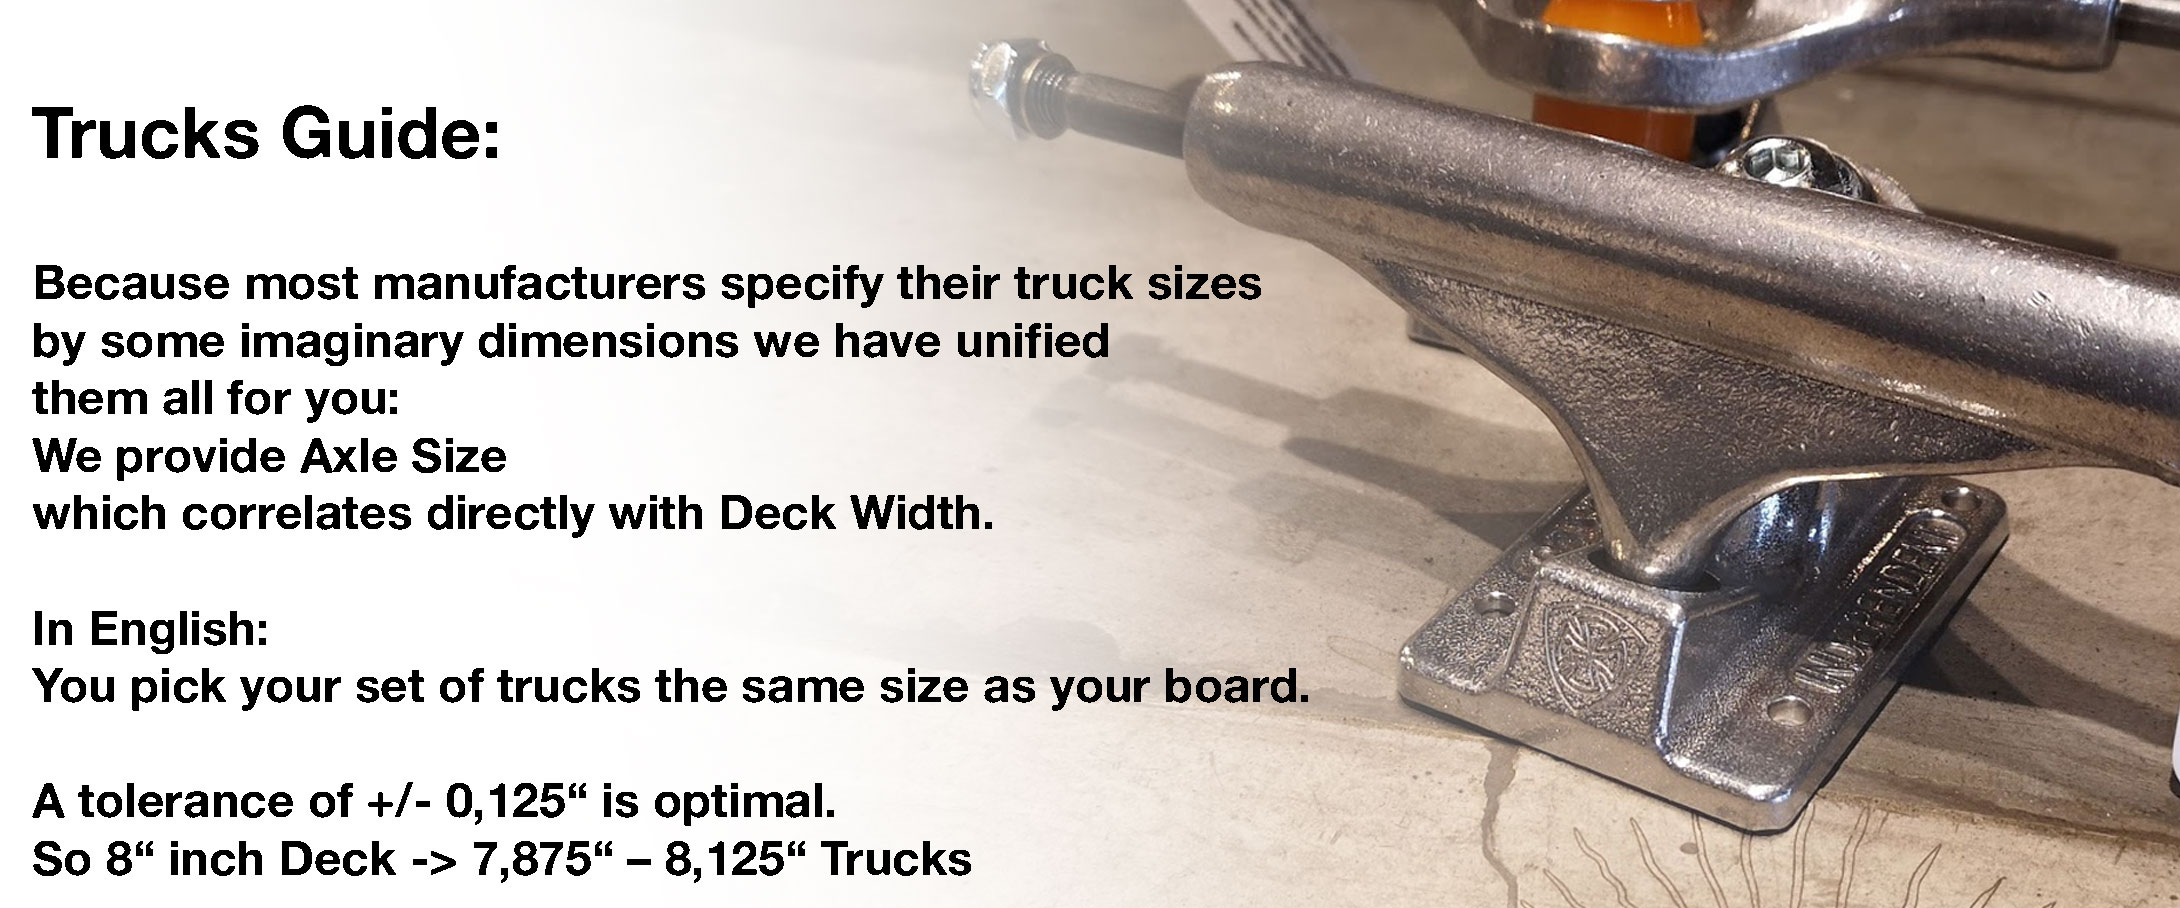 Trucks Guide Englisch